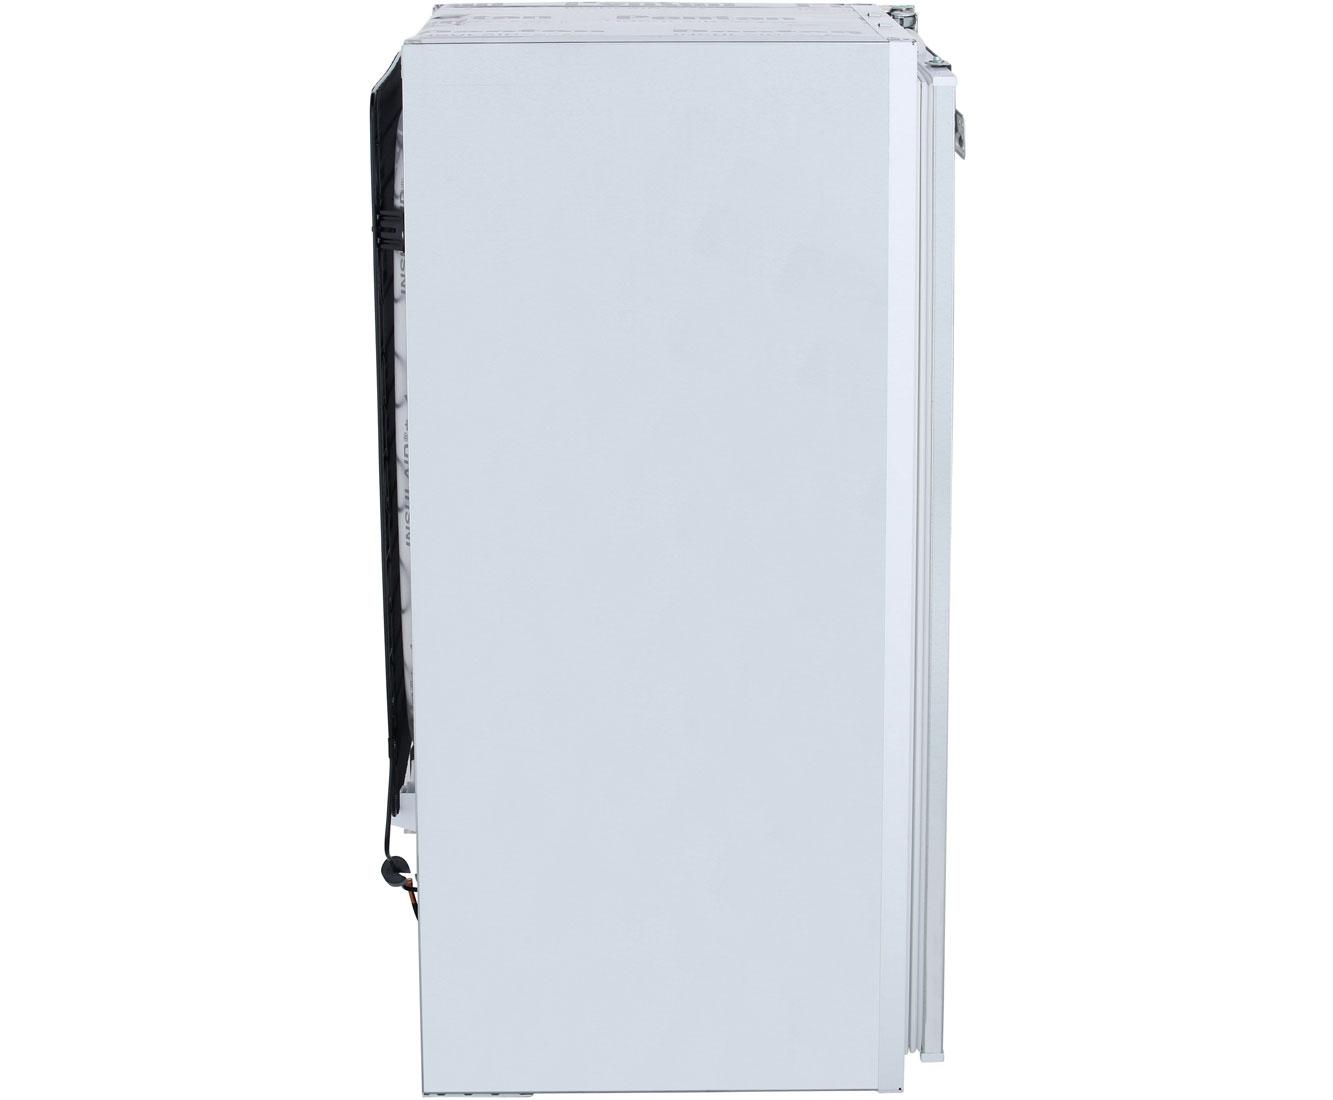 Bosch Kühlschrank Macht Geräusche : Bosch kühlschrank macht geräusche Öko serie alte elektrogeräte